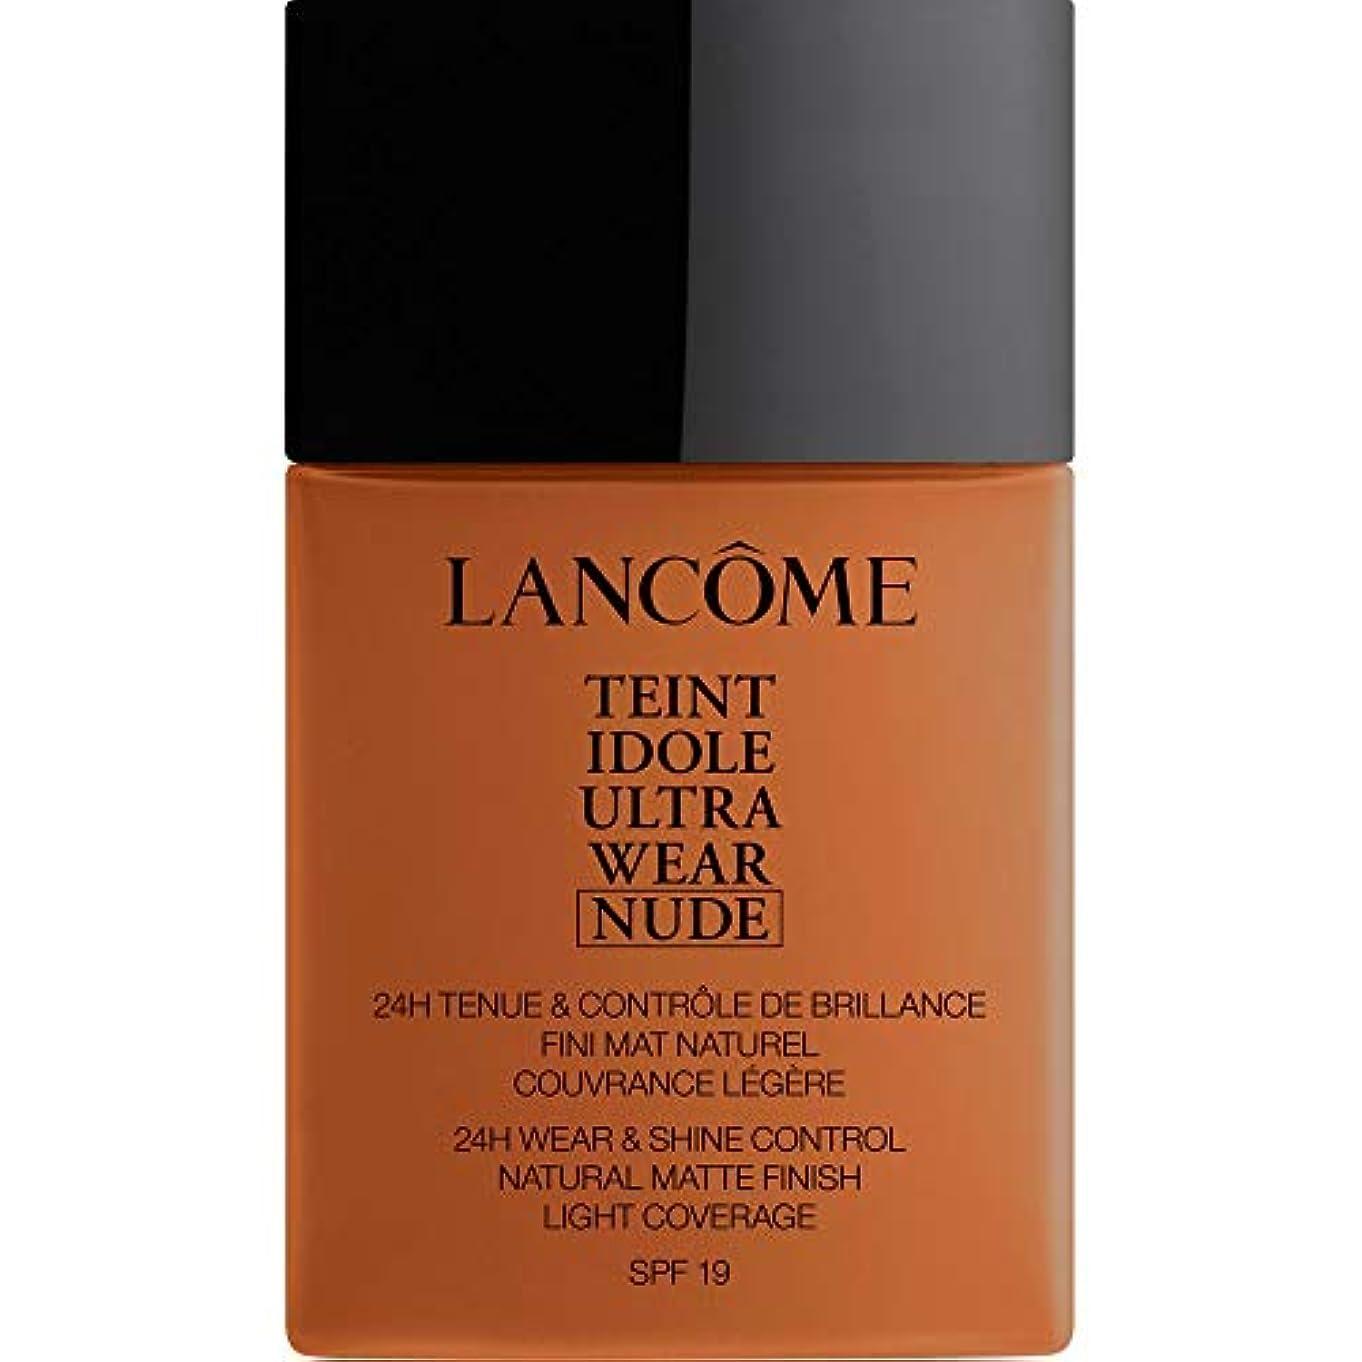 悪化するレーダーいっぱい[Lanc?me ] アンブレ - ランコムTeintのIdoleは、超ヌード基礎Spf19の40ミリリットル12を着用します - Lancome Teint Idole Ultra Wear Nude Foundation...